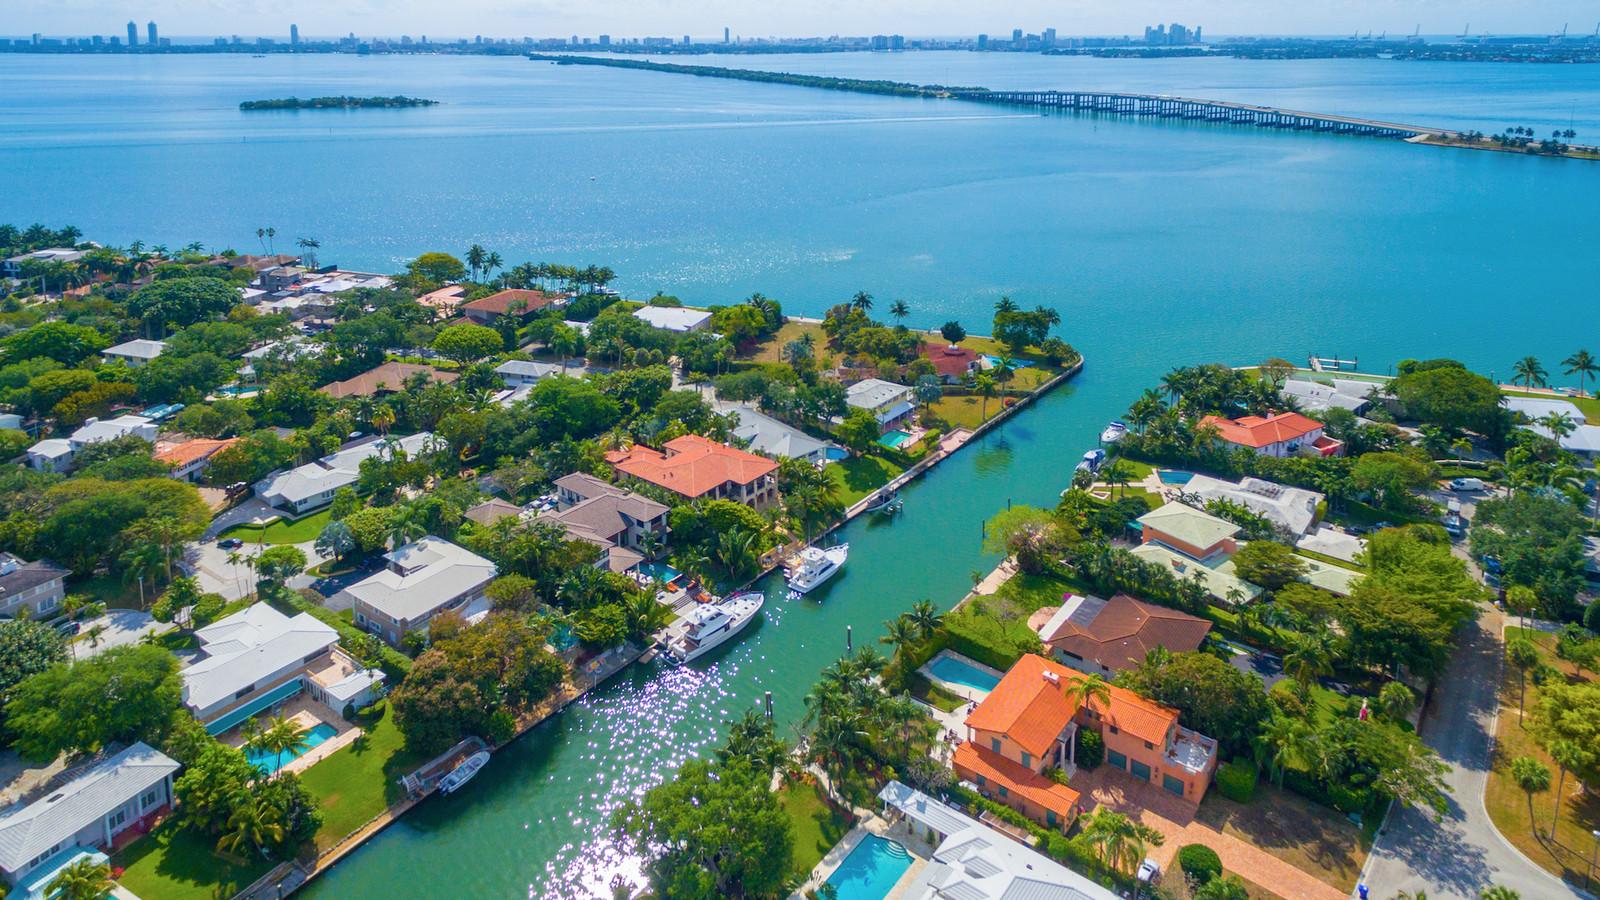 Miami and Miami Beach housing markets continue to improve ...